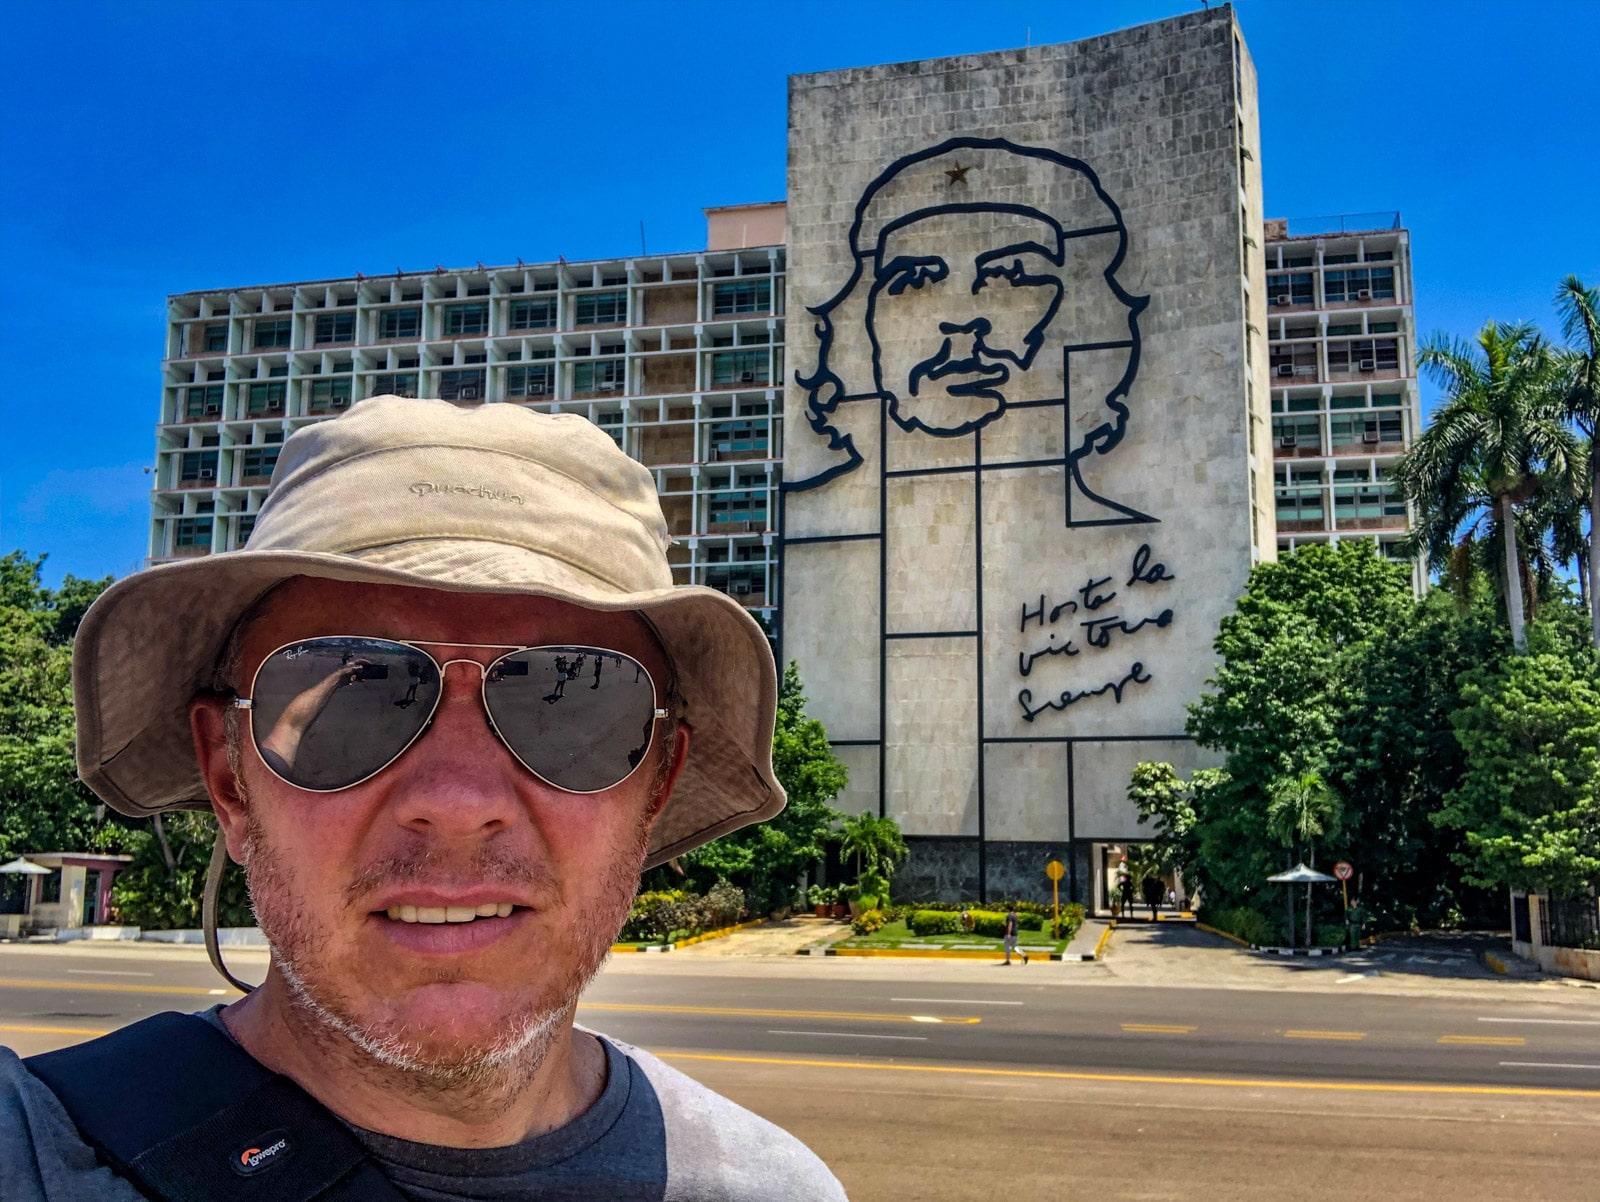 Plac Rewolucji w Hawanie i Che Guevara